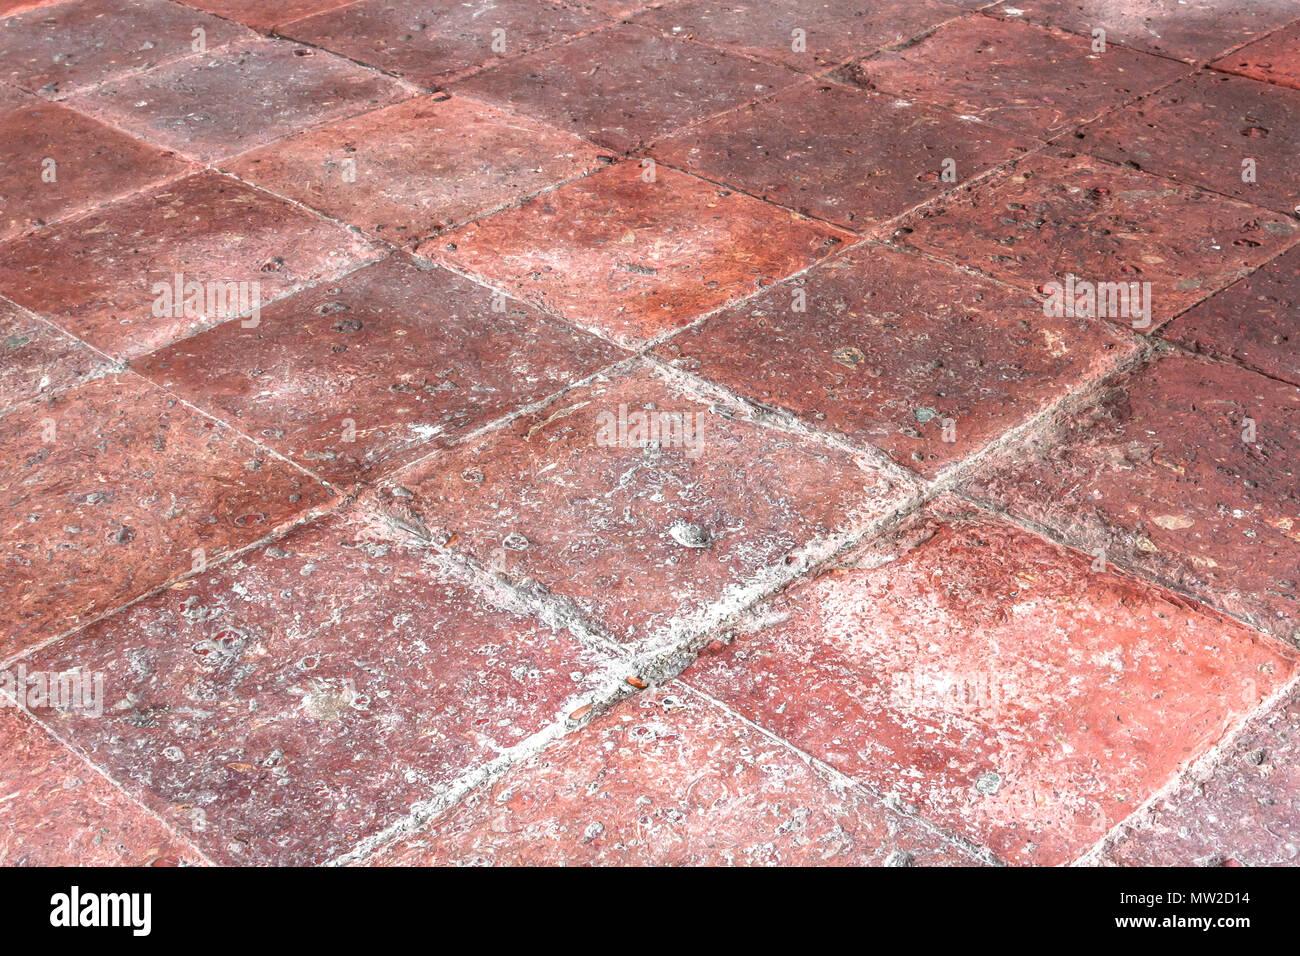 Terrakottaboden Braun Und Rosa Terrakotta Bodenfliesen Textur